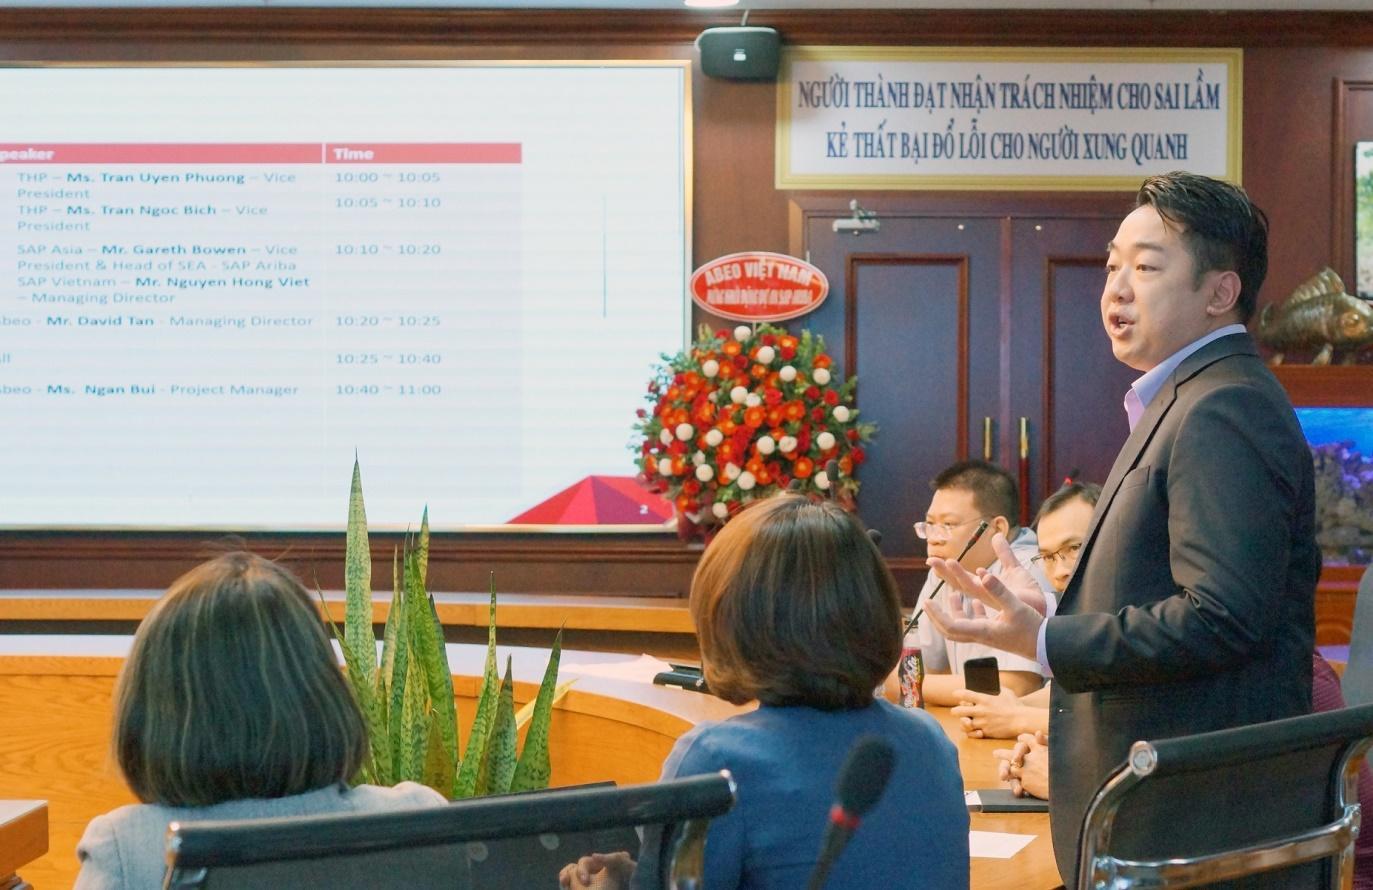 Tân Hiệp Phát bắt tay với SAP Ariba nhằm số hoá toàn bộ chuỗi cung ứng - Ảnh 3.